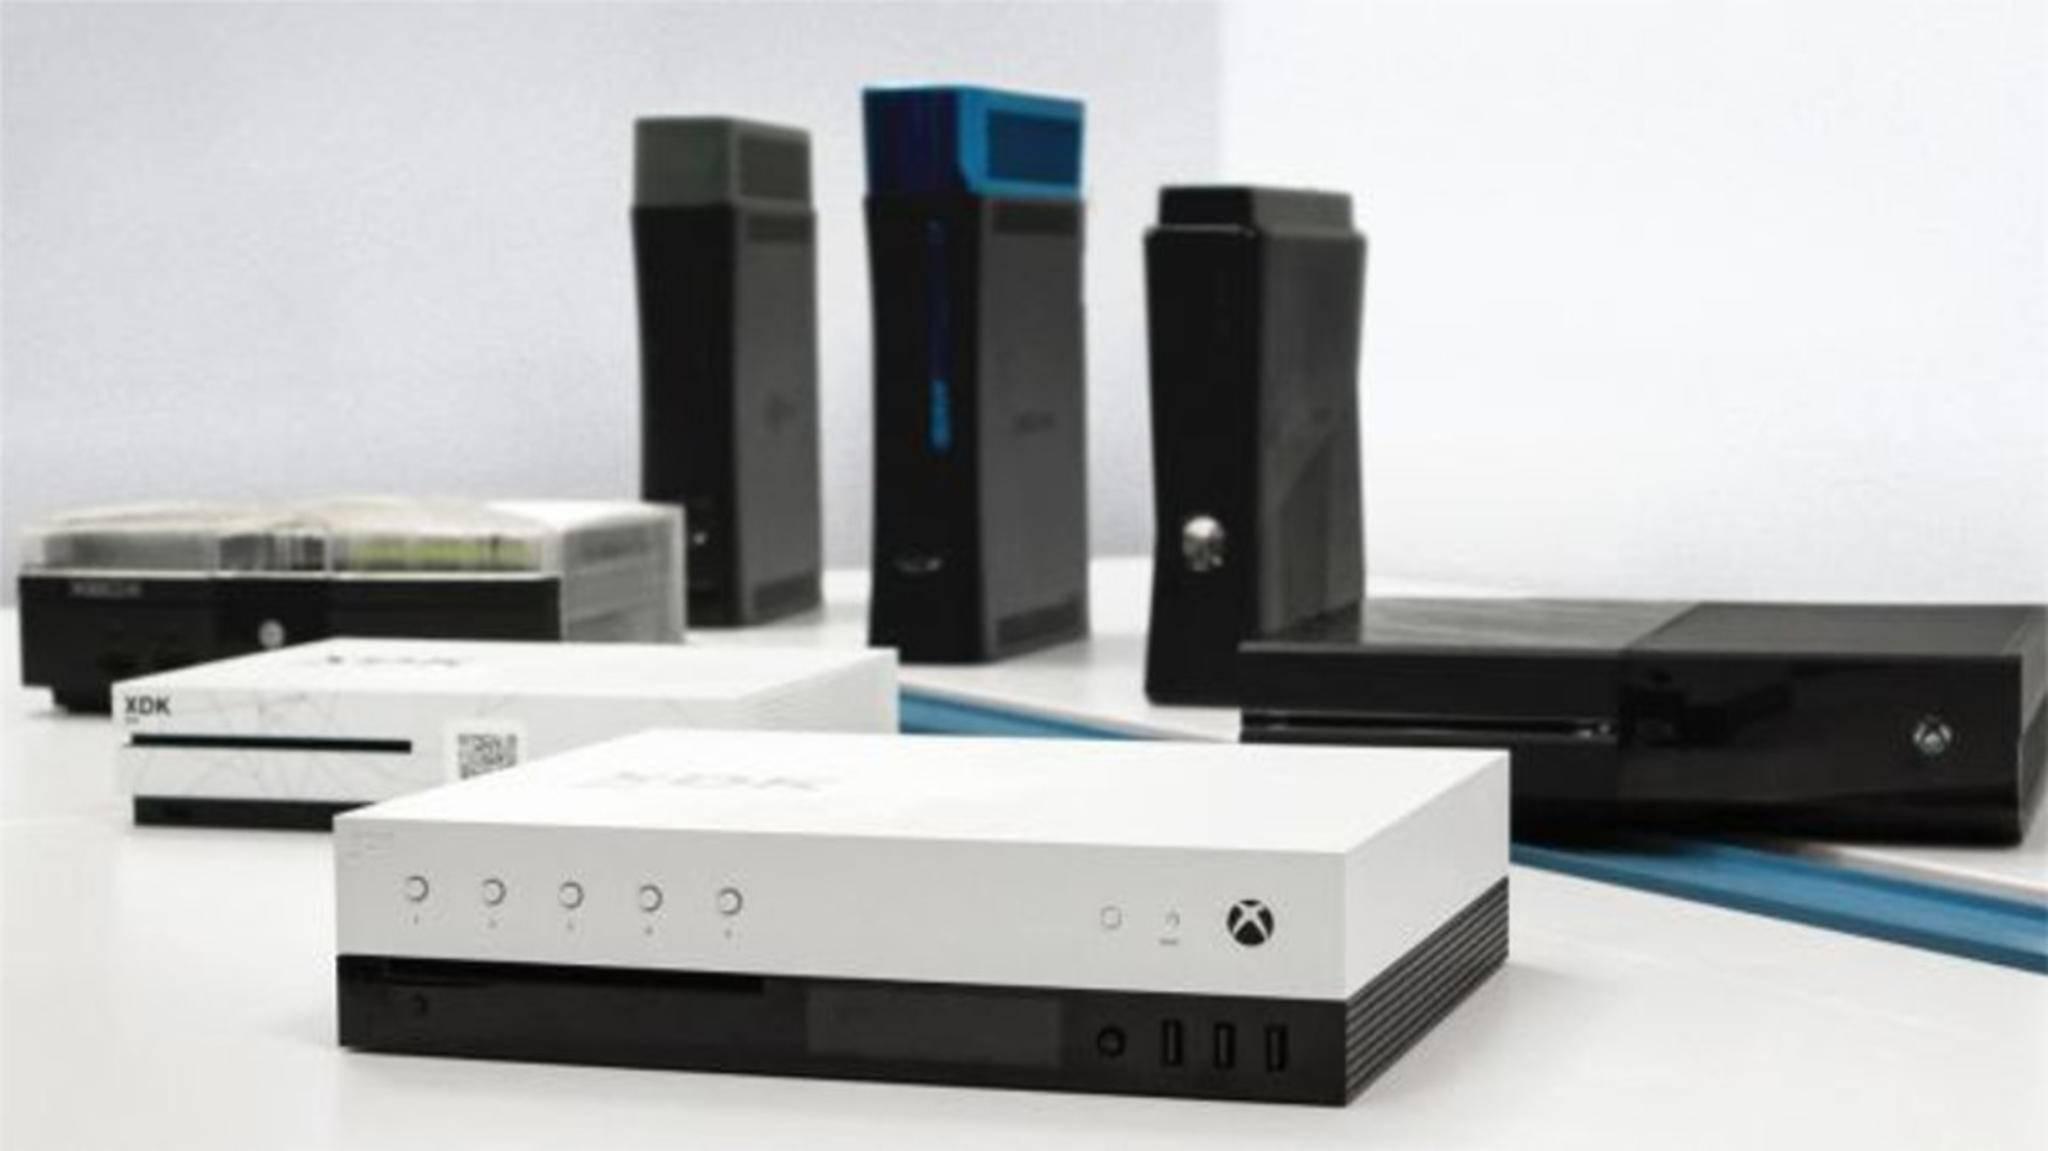 Die Xbox Scorpio ist noch kaum von Interesse? Neue Zahlen zum Konsolenmarkt sind da.